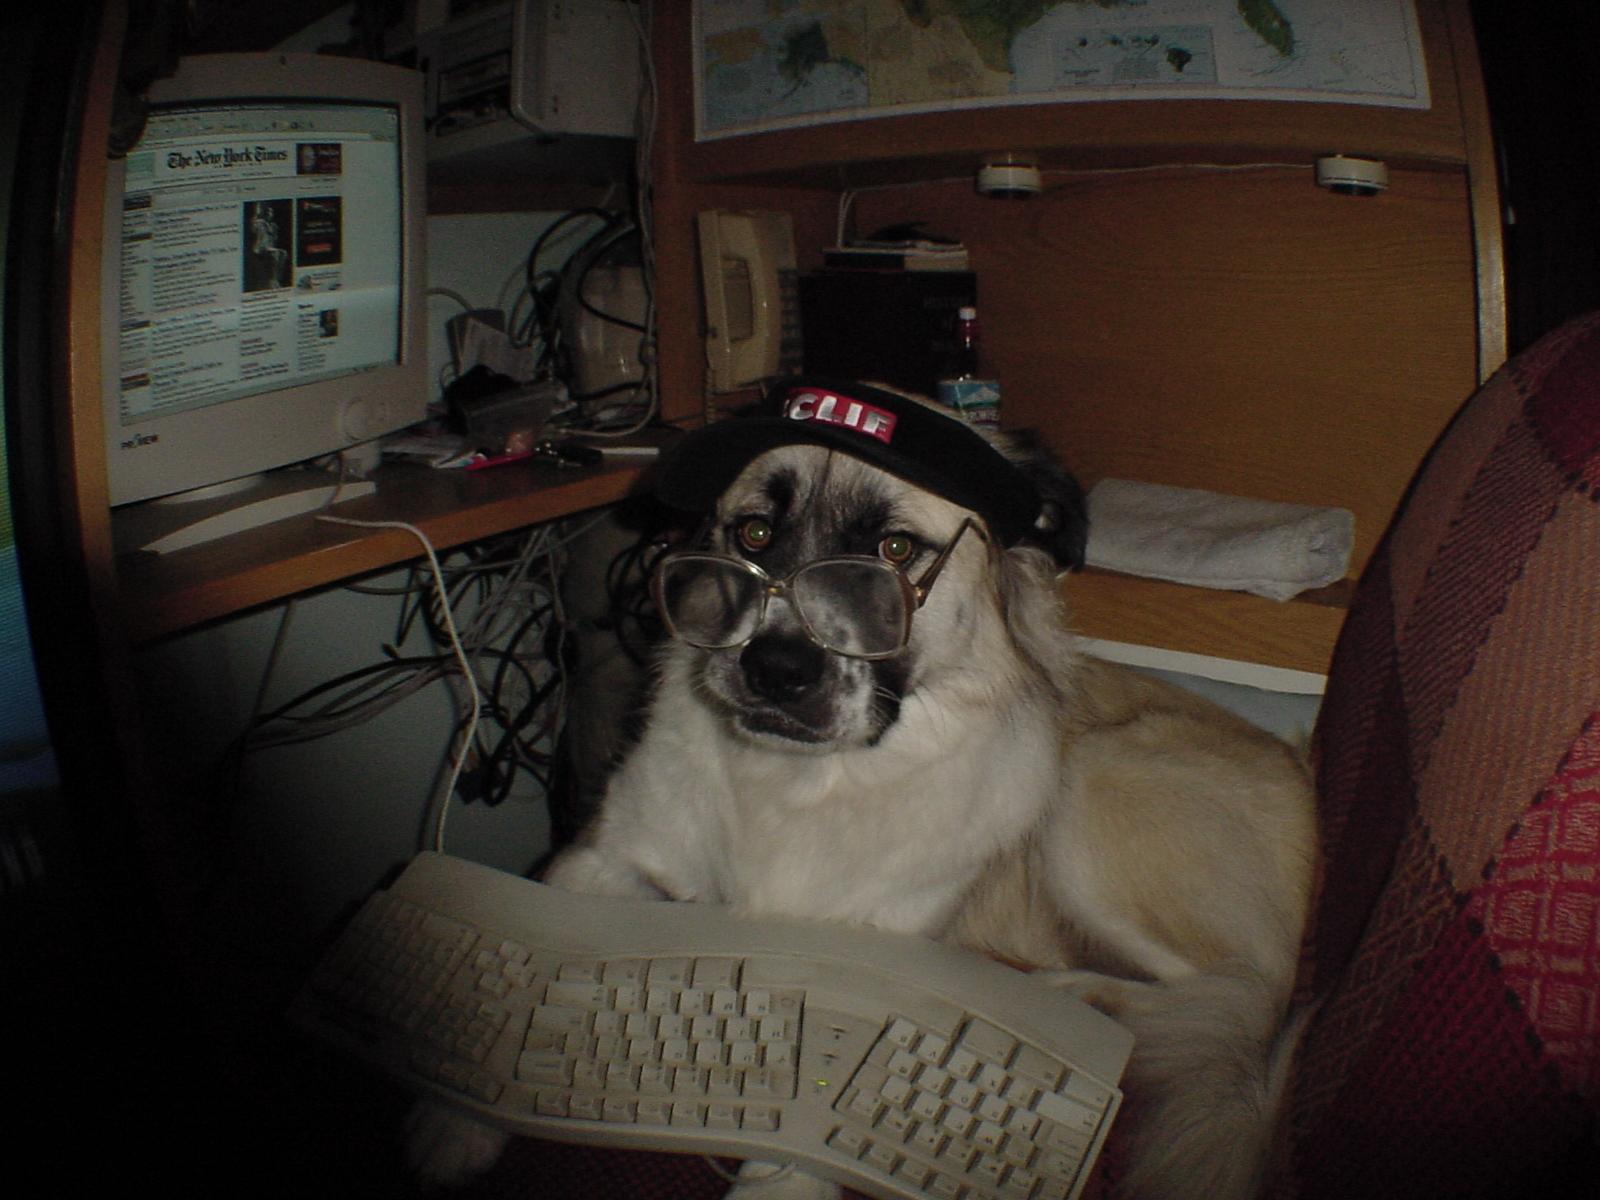 Herman at keyboard with visor